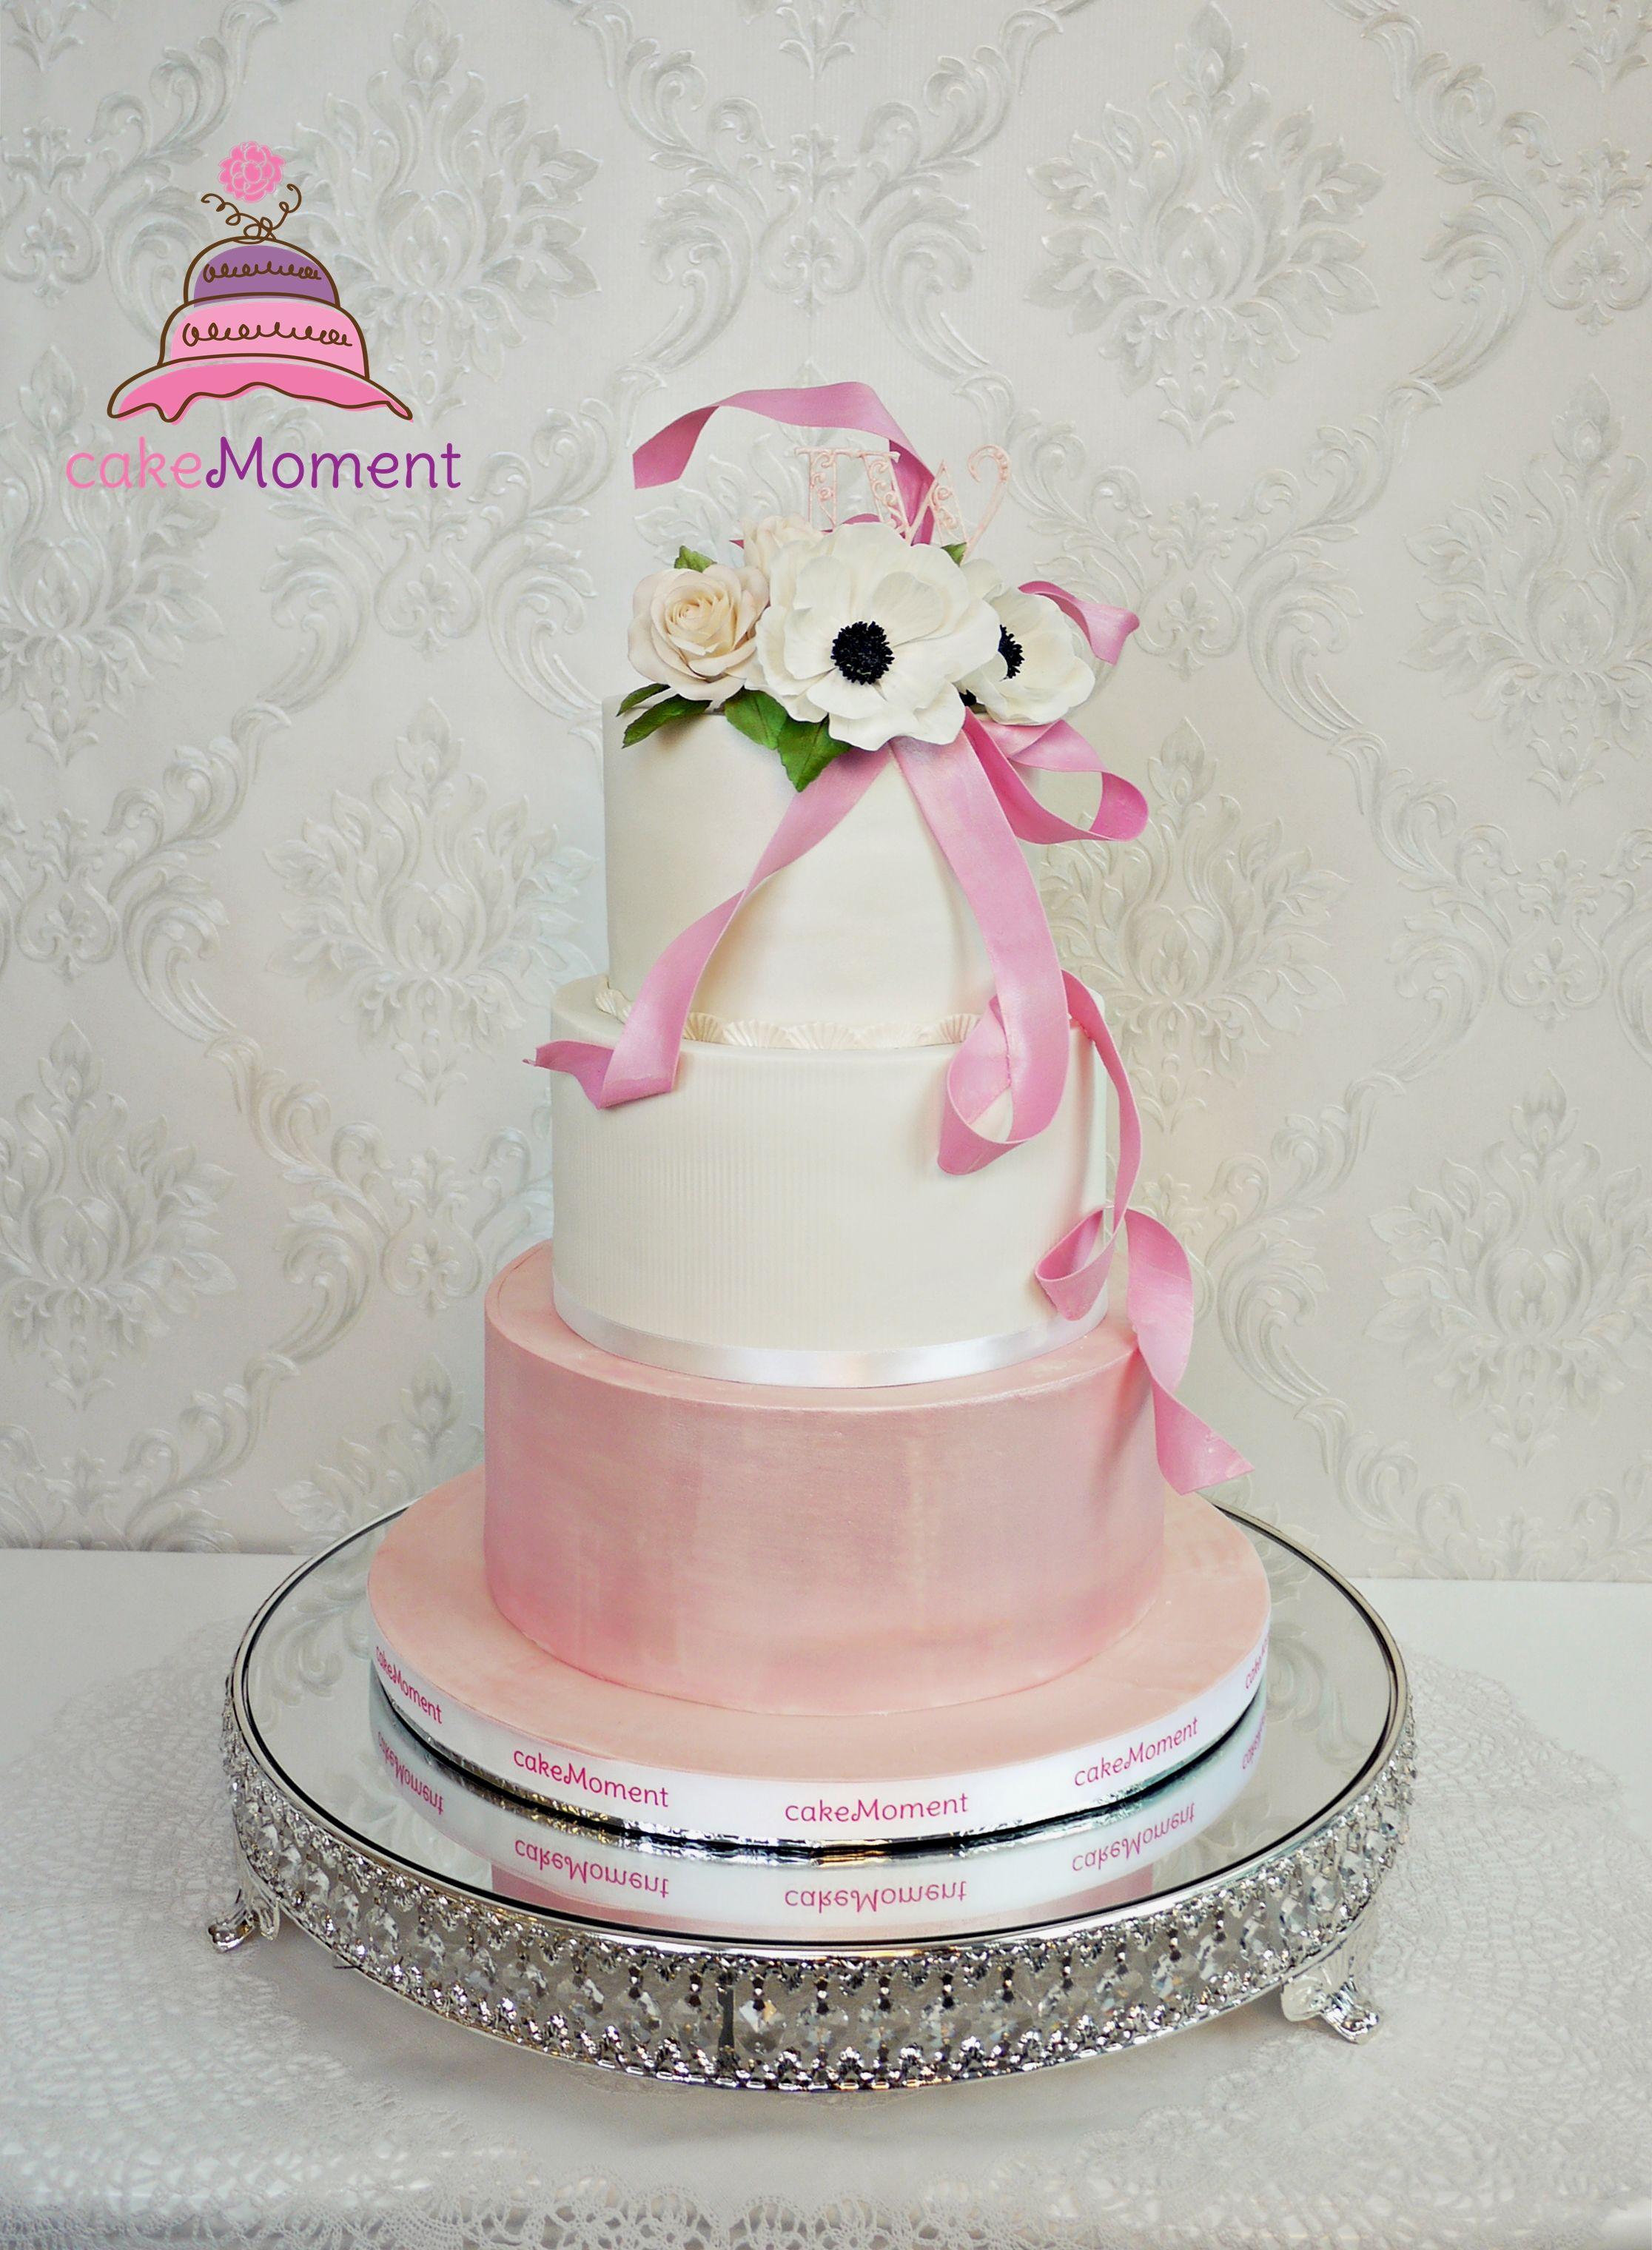 Cakemoment cakemomenthk cakemomentwedding hk wedding cake hk